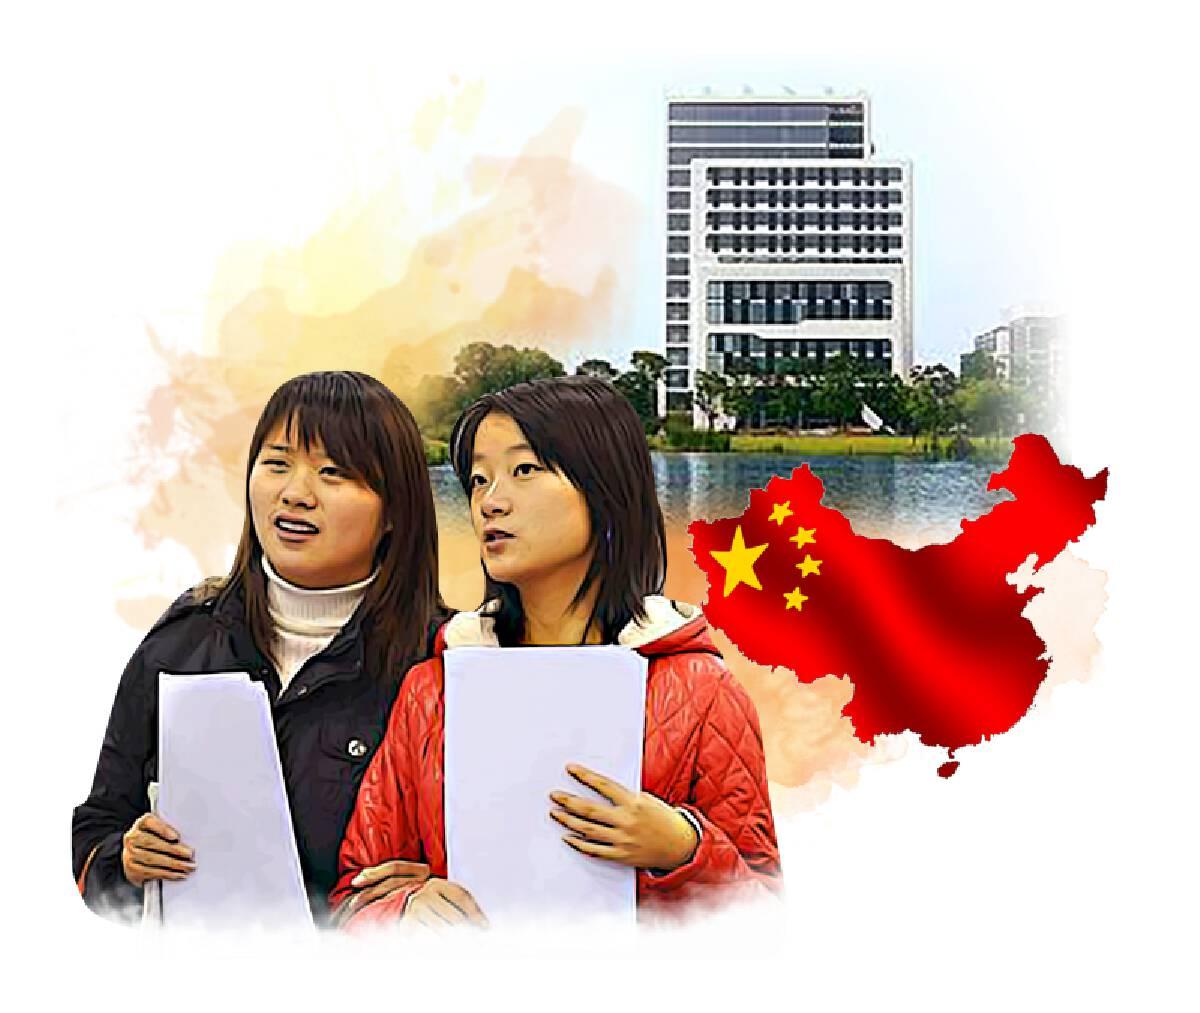 เต๋อต้าว สุดยอดสถาบันการศึกษา ที่คิดนอกกรอบของจีน (จบ)